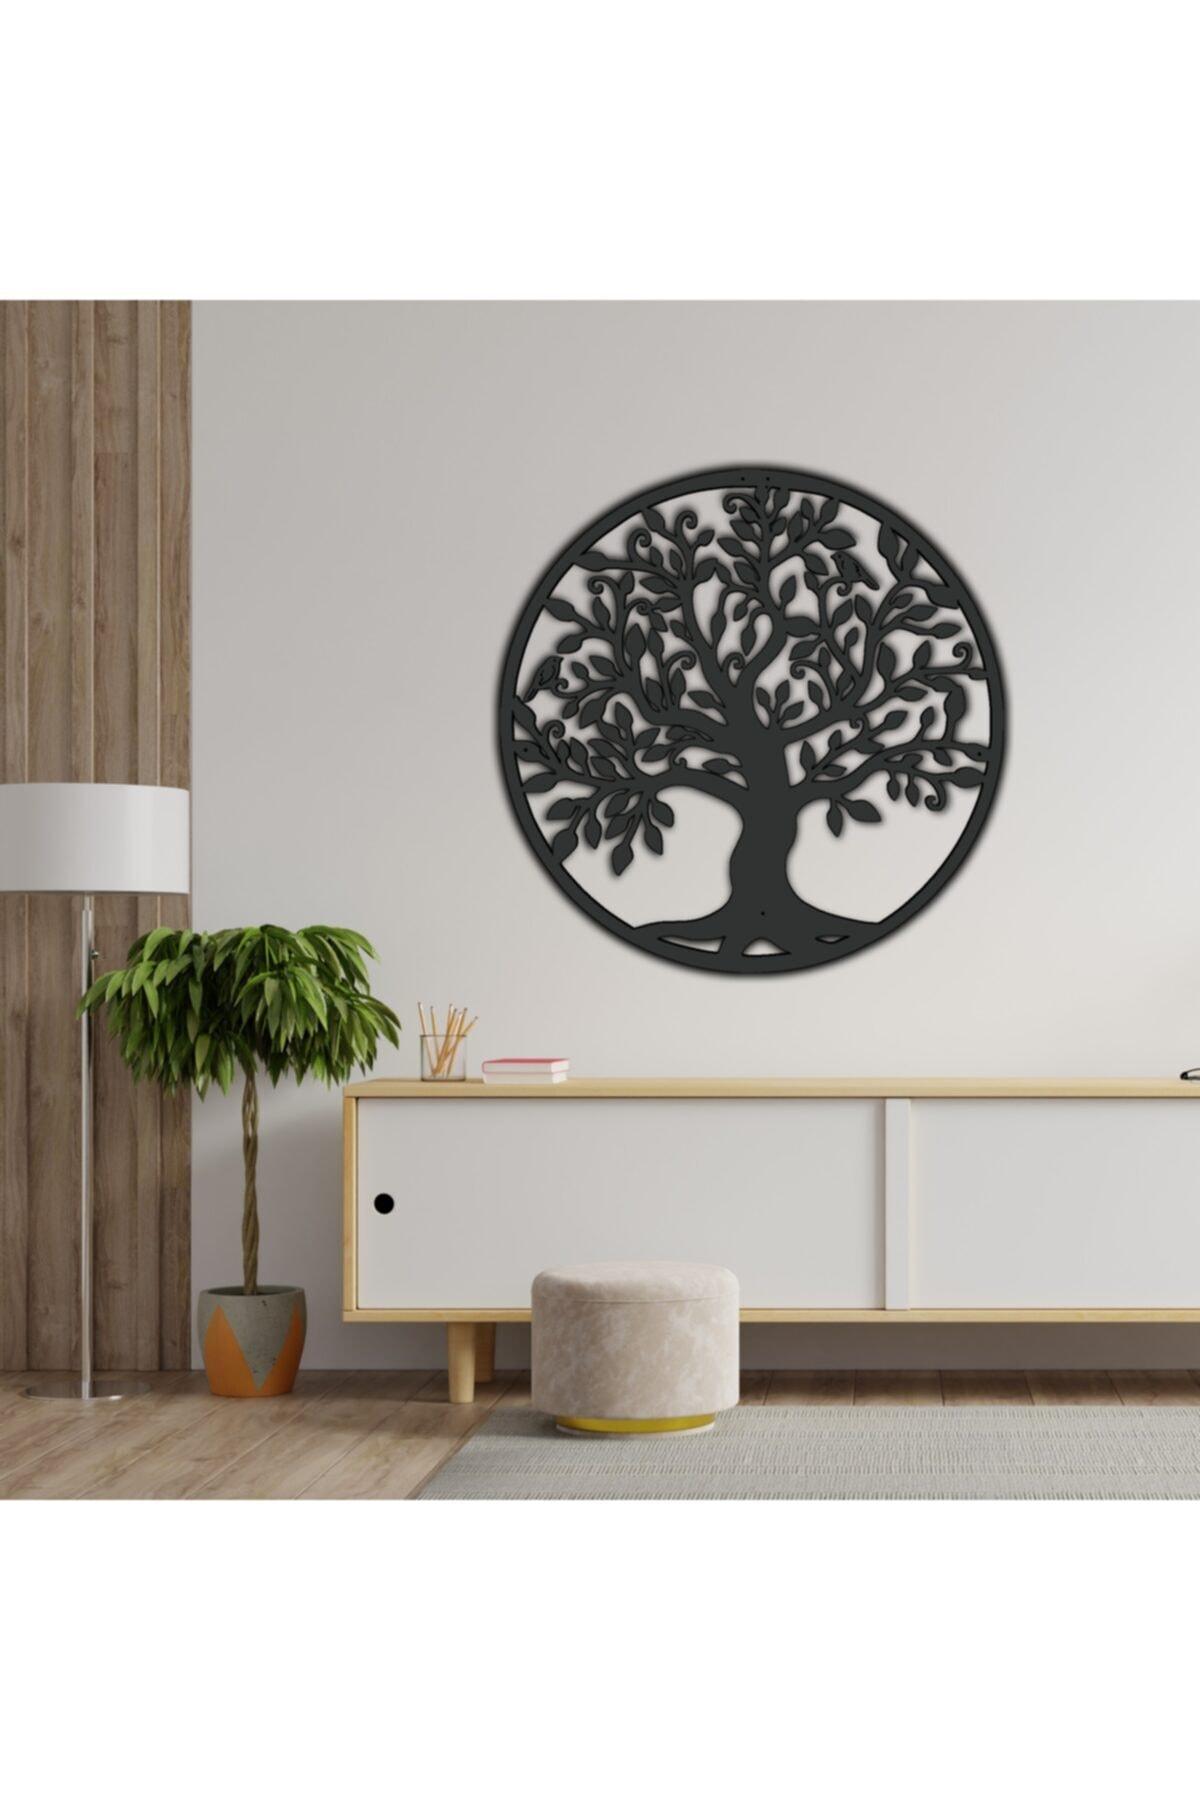 Elegant decor Yaşam Ağacı Metal Duvar Dekoru, Oturma Odası, Ofis Dekoru , Hayat Ağacı Metal Tablo